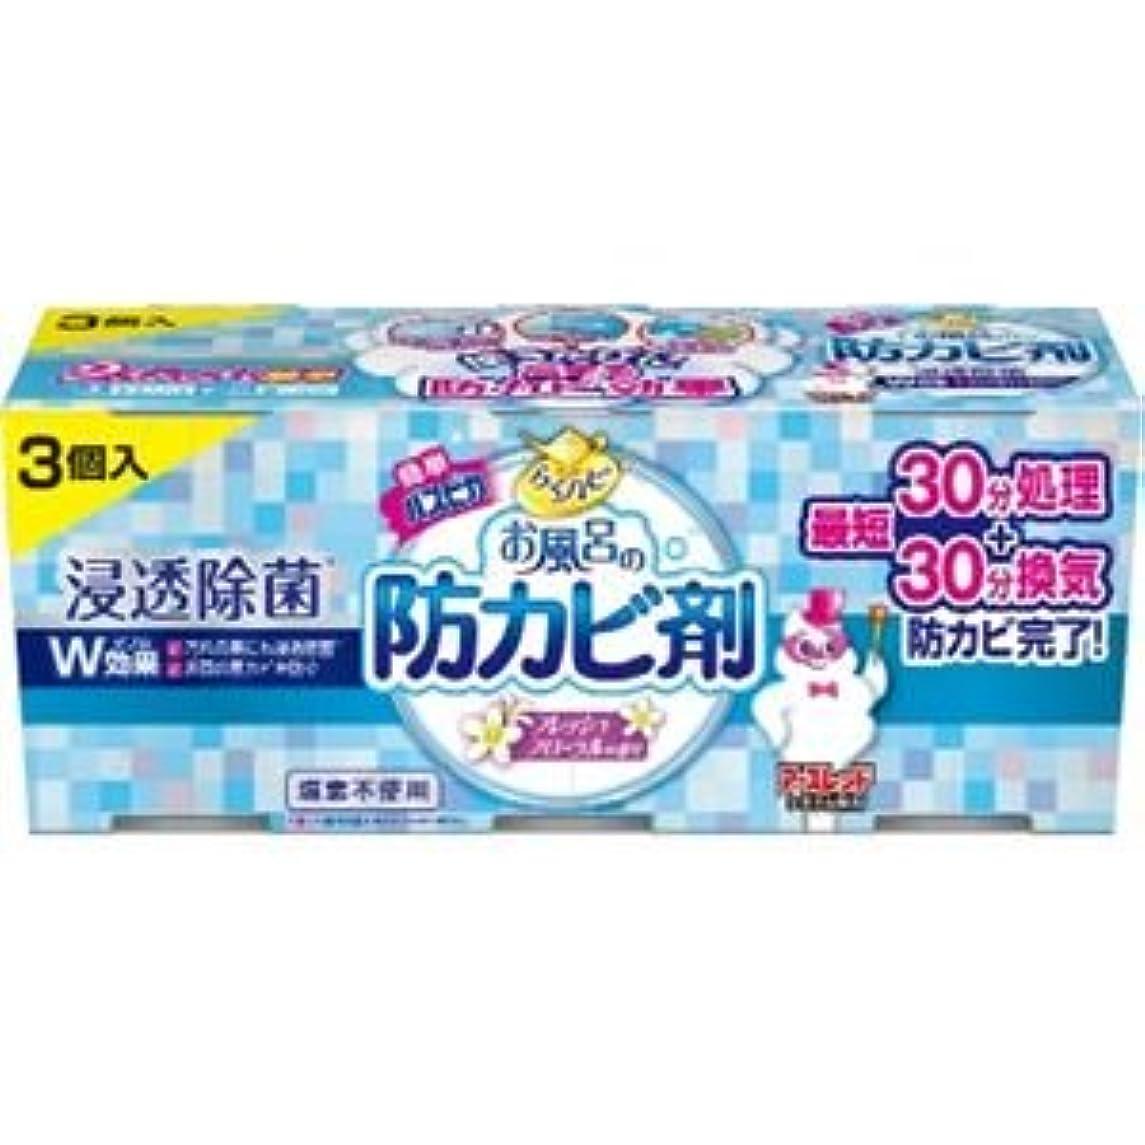 ジャンプフライトおしゃれなアース製薬 らくハピお風呂の防カビ剤フローラル3個パック ×1点